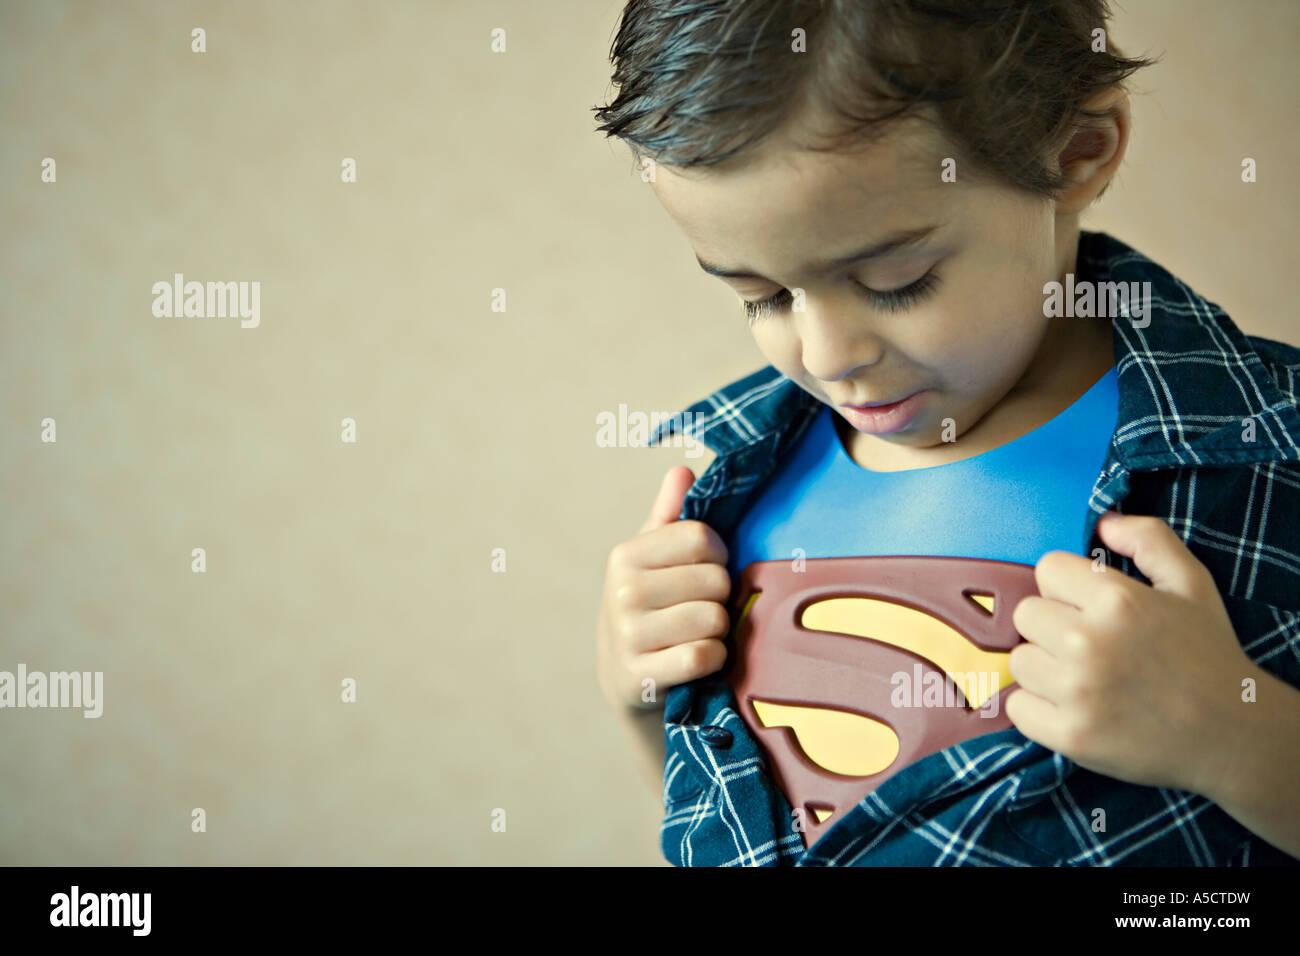 Niño revela traje superman Imagen De Stock